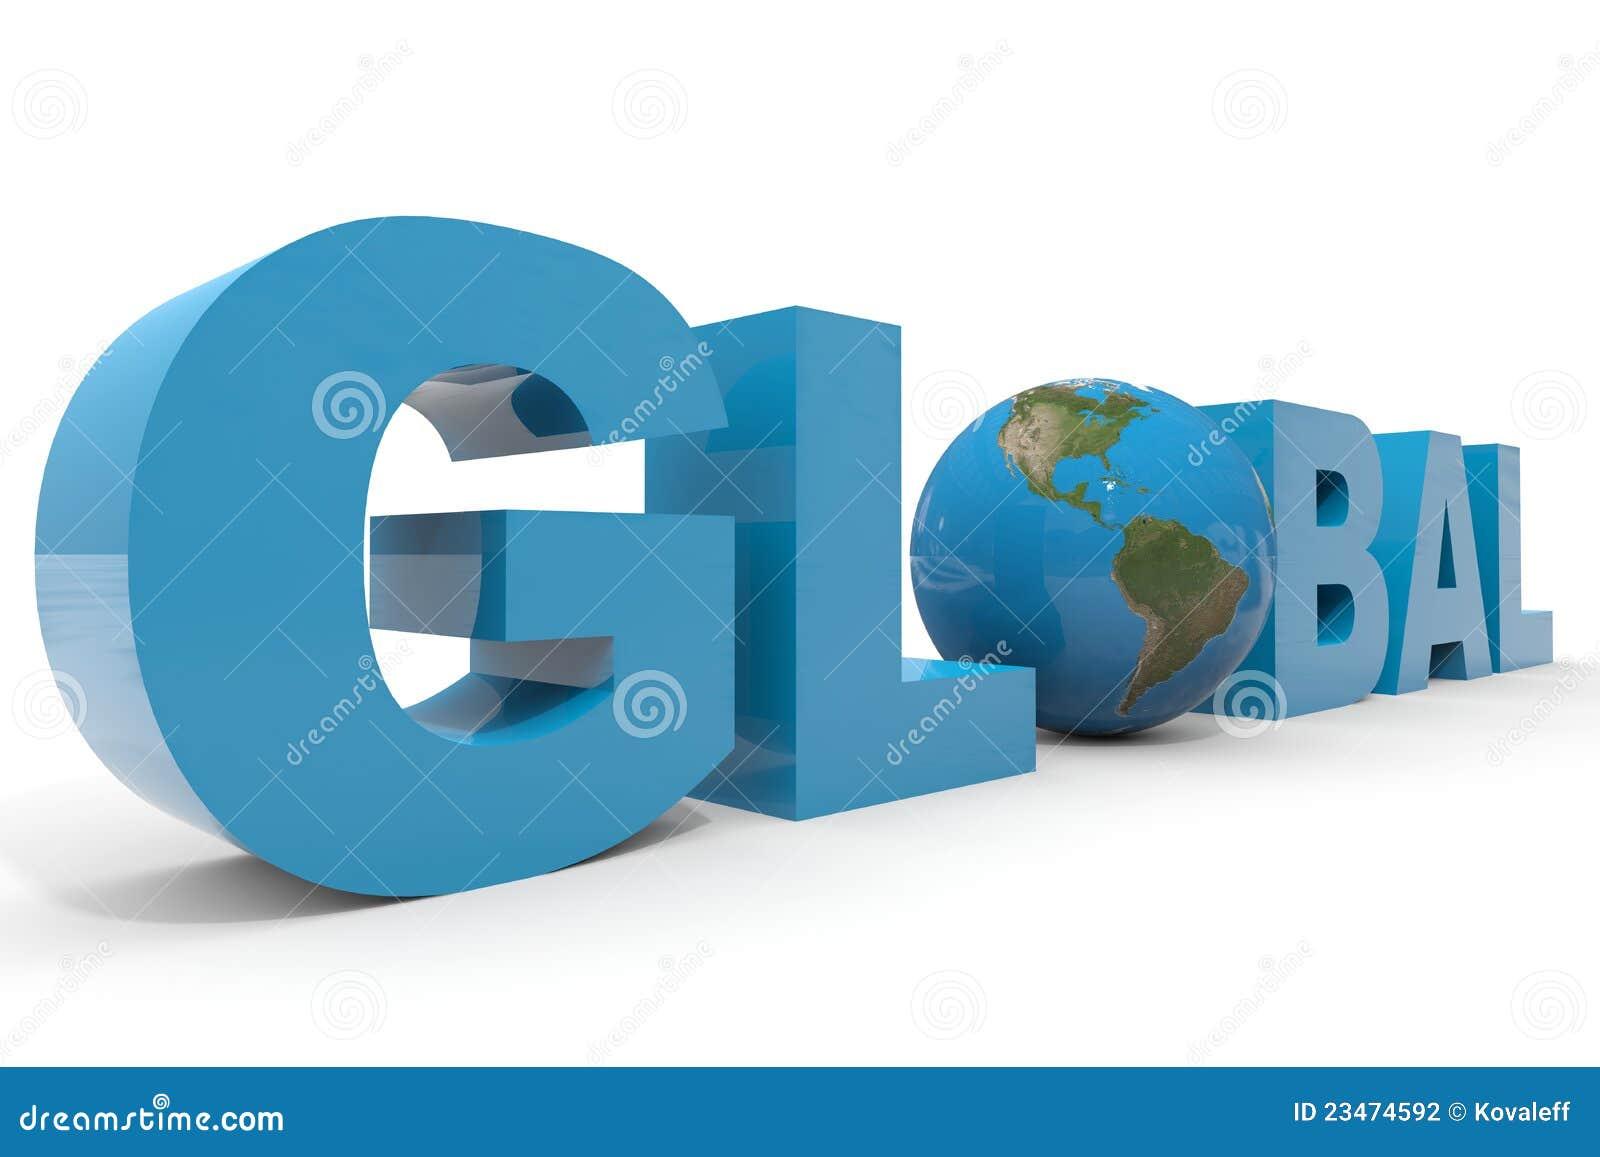 Letter Word For Globe